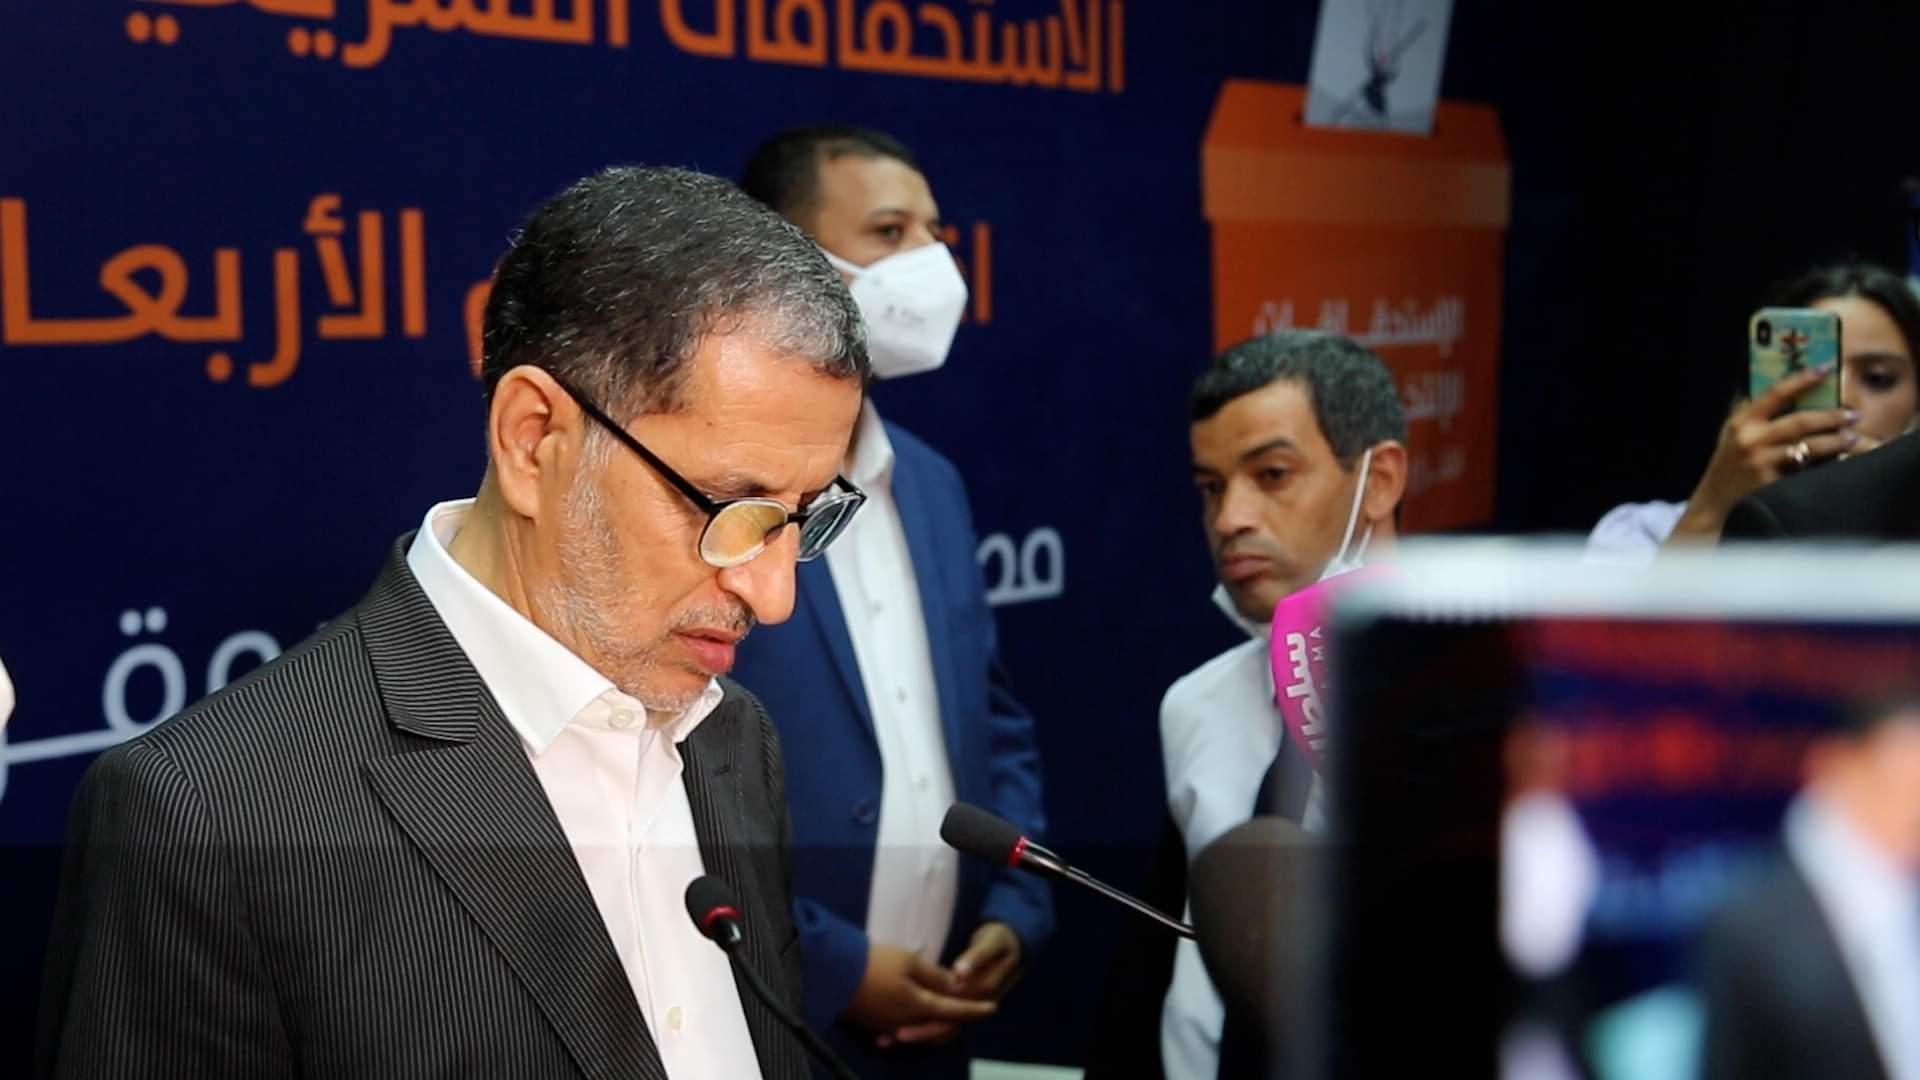 صورة العثماني يقدم استقالته من حزب العدالة والتنمية